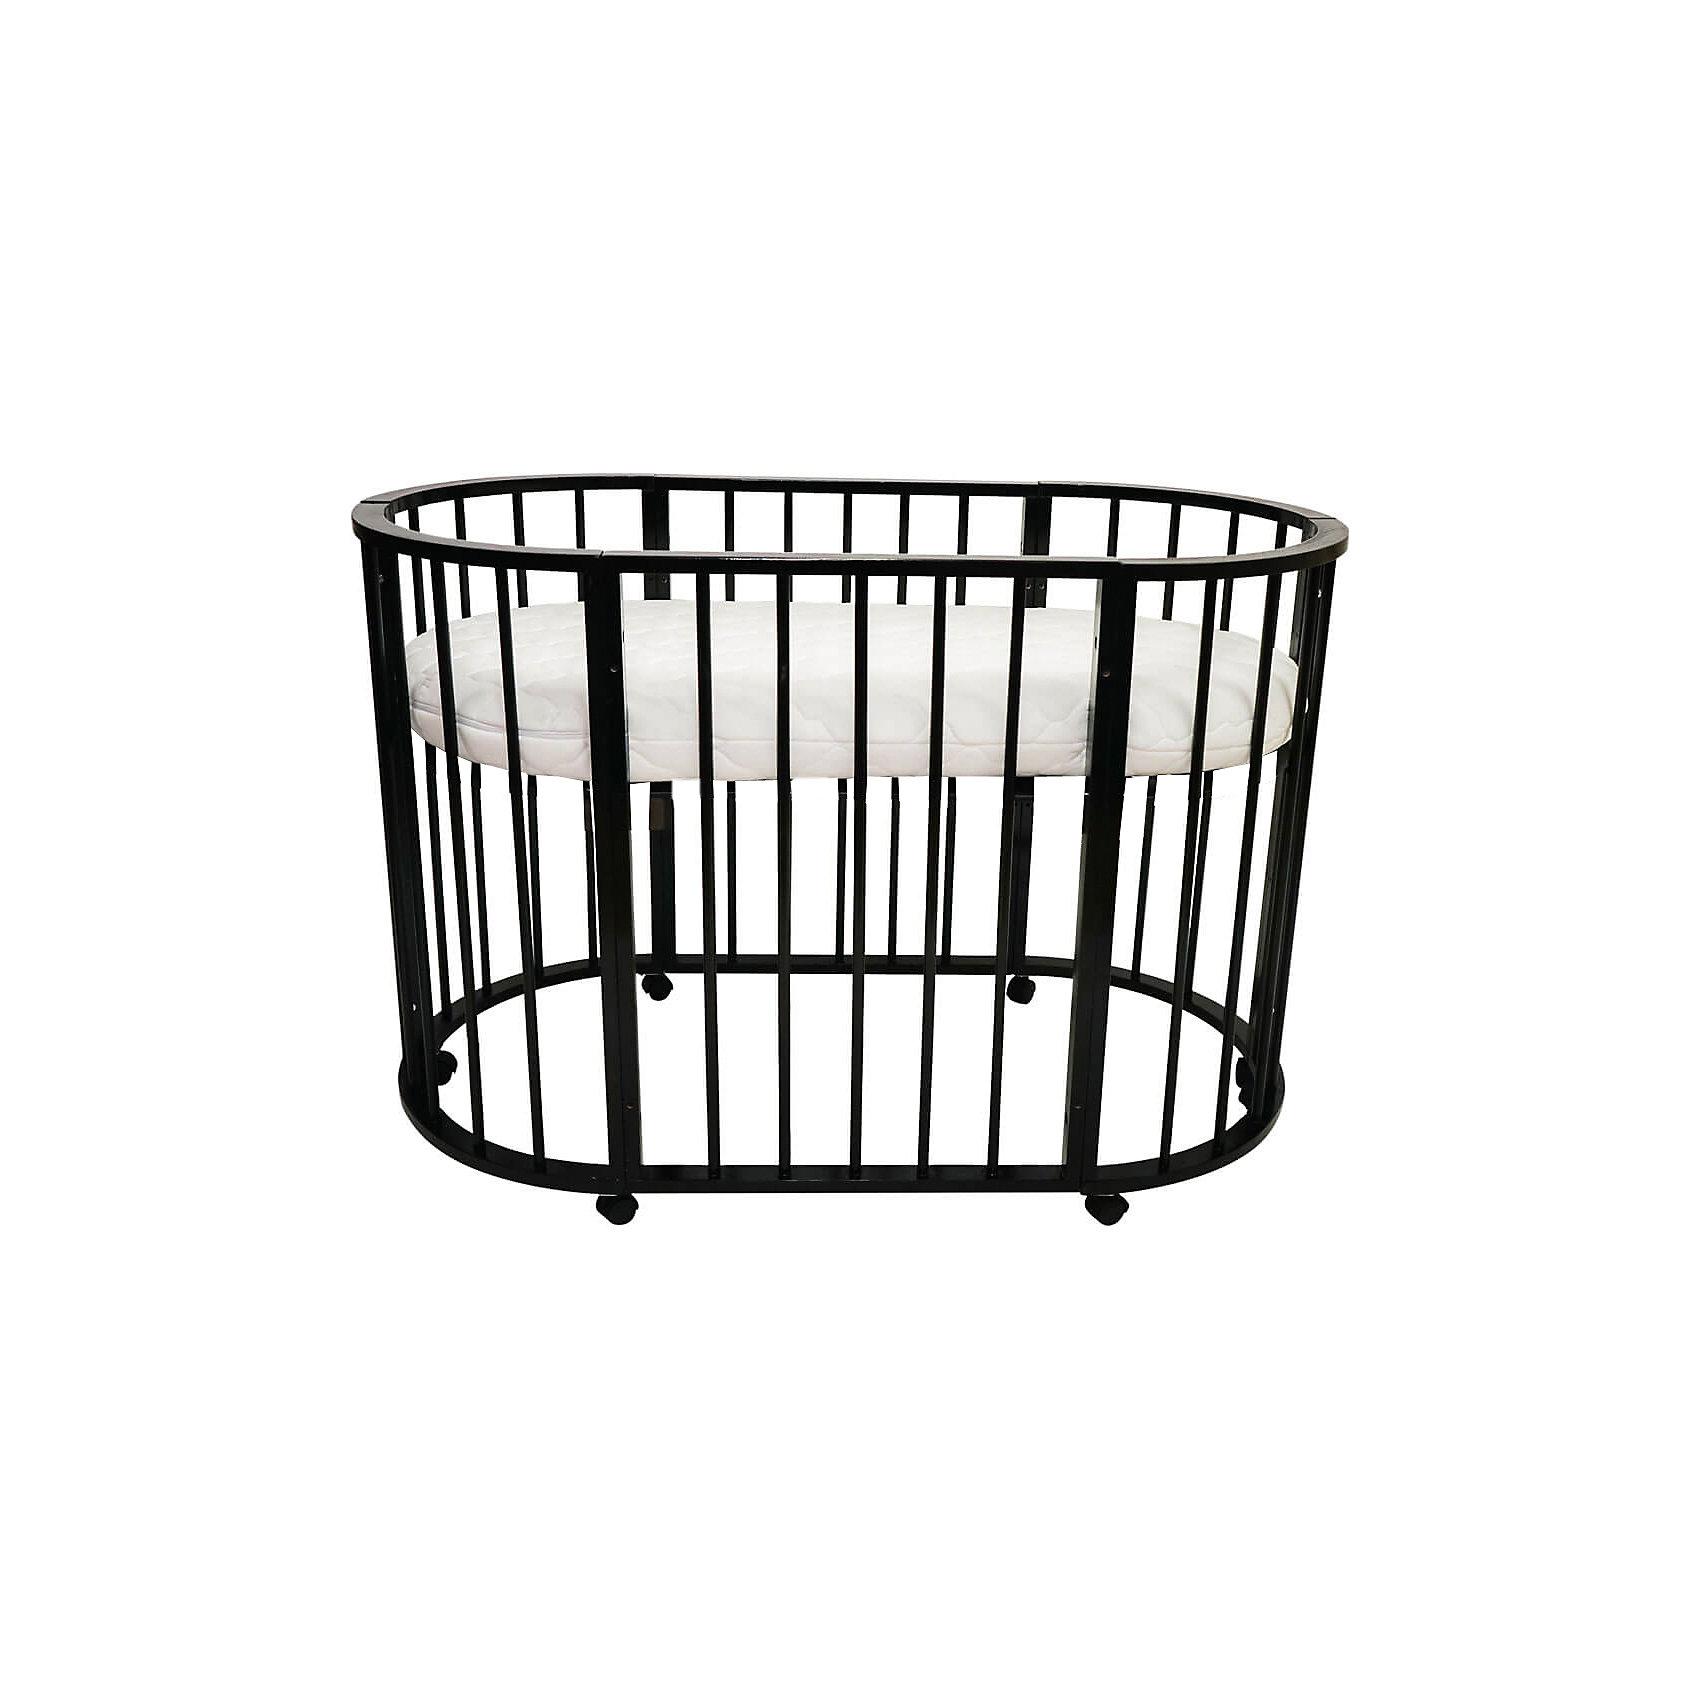 Кроватка-трансформер овальная Bianca 4 в 1, Valle, венгеХарактеристики:<br><br>• регулируемая высота, дно поднимается и опускается;<br>• кроватка на колесиках, имеются стопоры;<br>• материал: древесина, неокрашенное ДСП, обработка безопасными лакокрасочными материалами;<br>• размер кроватки: 125х65 см;<br>• размер люльки: 92х65 см.<br><br>ВНИМАНИЕ!!! Матрас в комплект не входит и приобретается отдельно.<br><br>Кроватка Bianca Valle – это 4 предмета мебели в 1 комплекте. Кроватка трансформируется в люльку для новорожденного (без функции качания), игровой манеж, обычную кровать и диванчик с открытой передней панелью, 2 кресла со столиком, комод- полка для детских вещей. Данные виды трансформации позволяют использовать кроватку от рождения ребенка до 3-5 лет. Устойчивая конструкция кроватки без острых выступающих краев обеспечивает максимальную безопасность ребенка.<br><br>Кроватку-трансформер овальную Bianca 4 в 1, Valle, венге можно купить в нашем магазине.<br><br>Ширина мм: 400<br>Глубина мм: 980<br>Высота мм: 640<br>Вес г: 26400<br>Возраст от месяцев: 0<br>Возраст до месяцев: 36<br>Пол: Унисекс<br>Возраст: Детский<br>SKU: 5353871